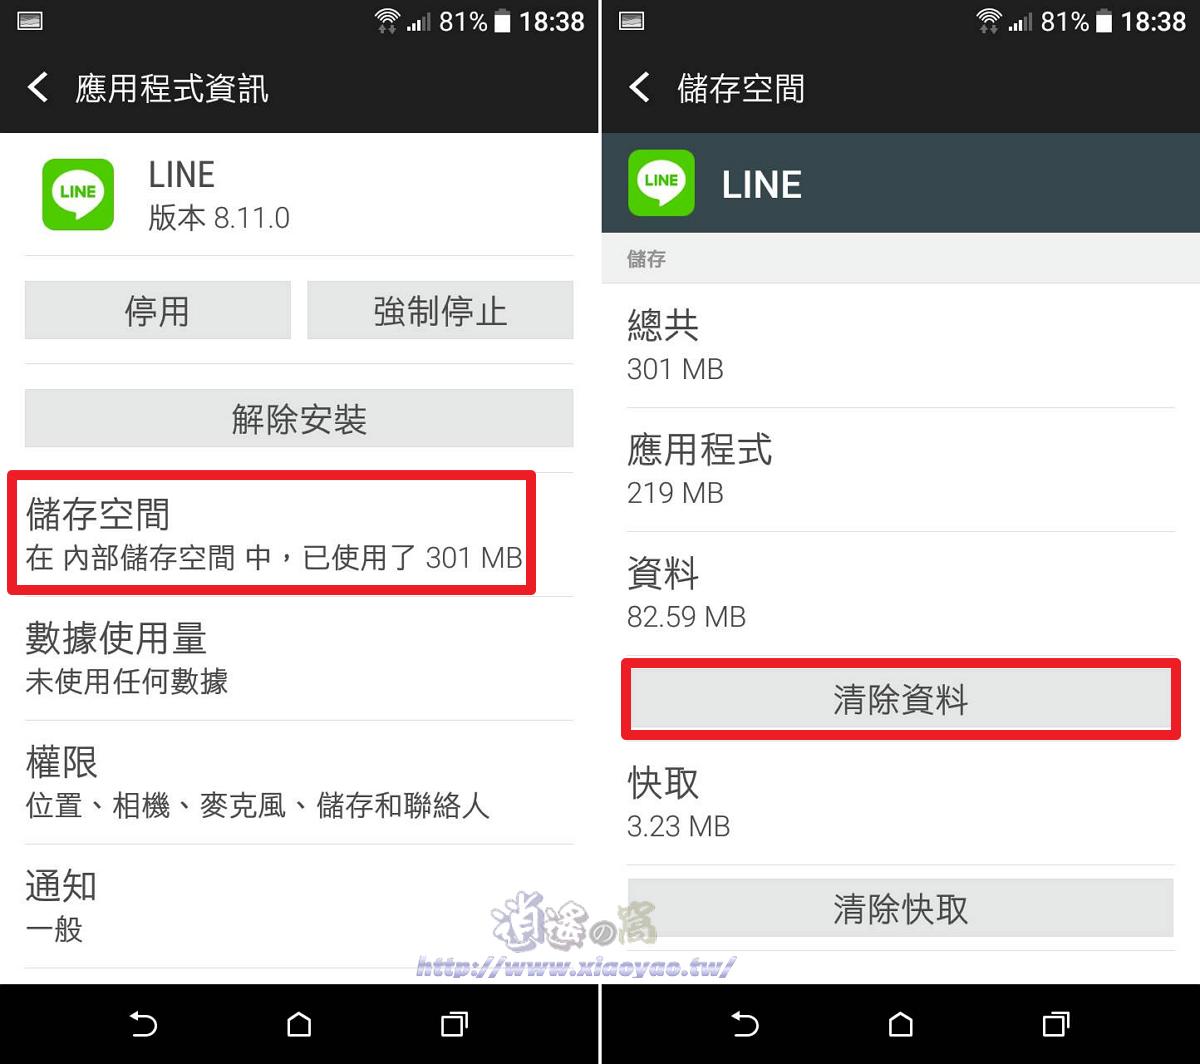 手機快速登出 LINE 帳號的方法